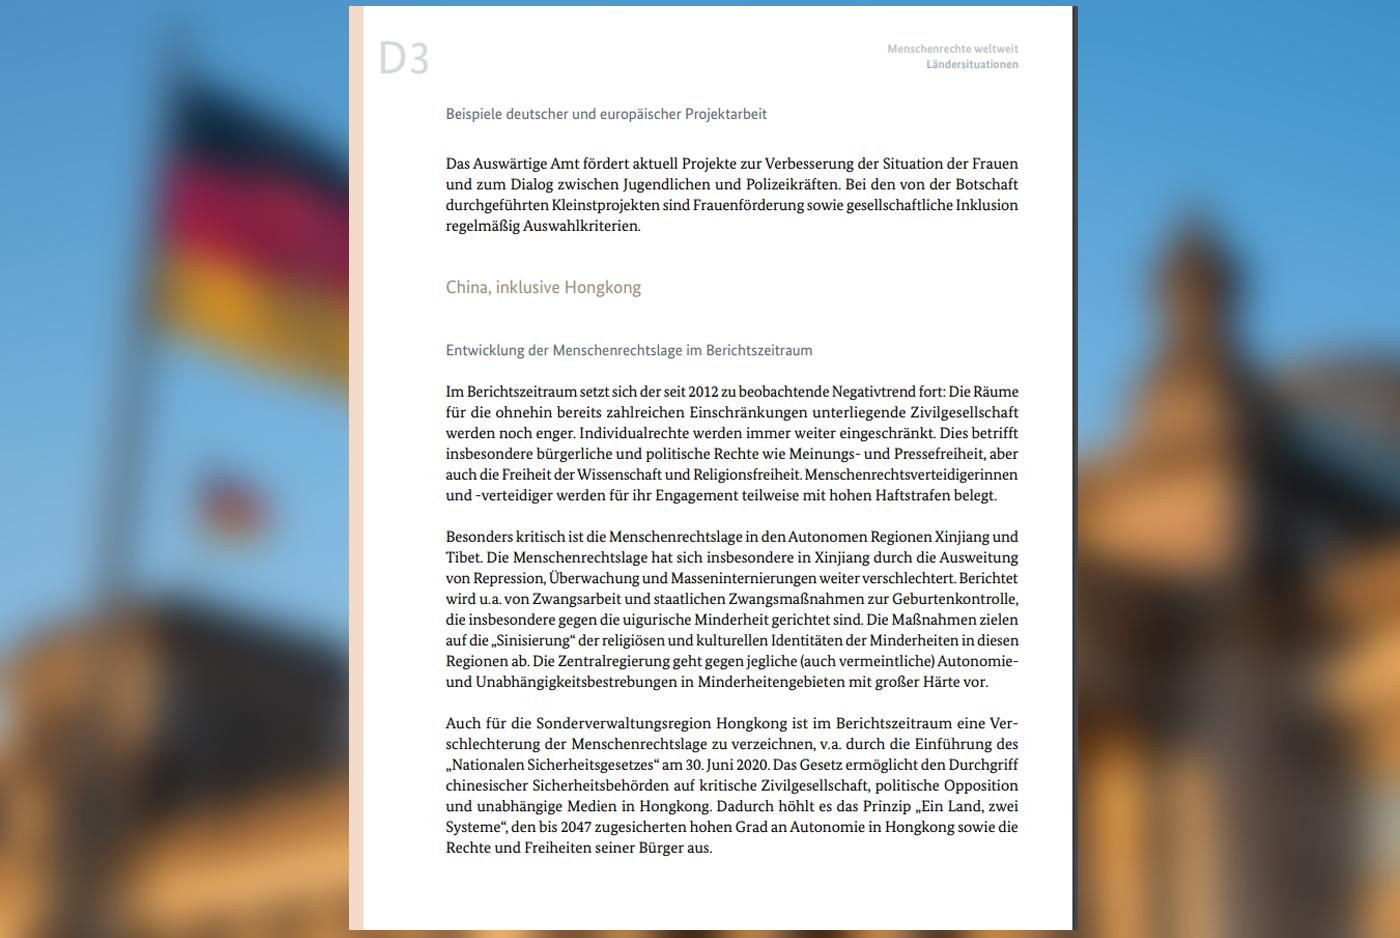 """德国政府发布人权报告对西藏和""""新疆""""人权状况表示关切"""